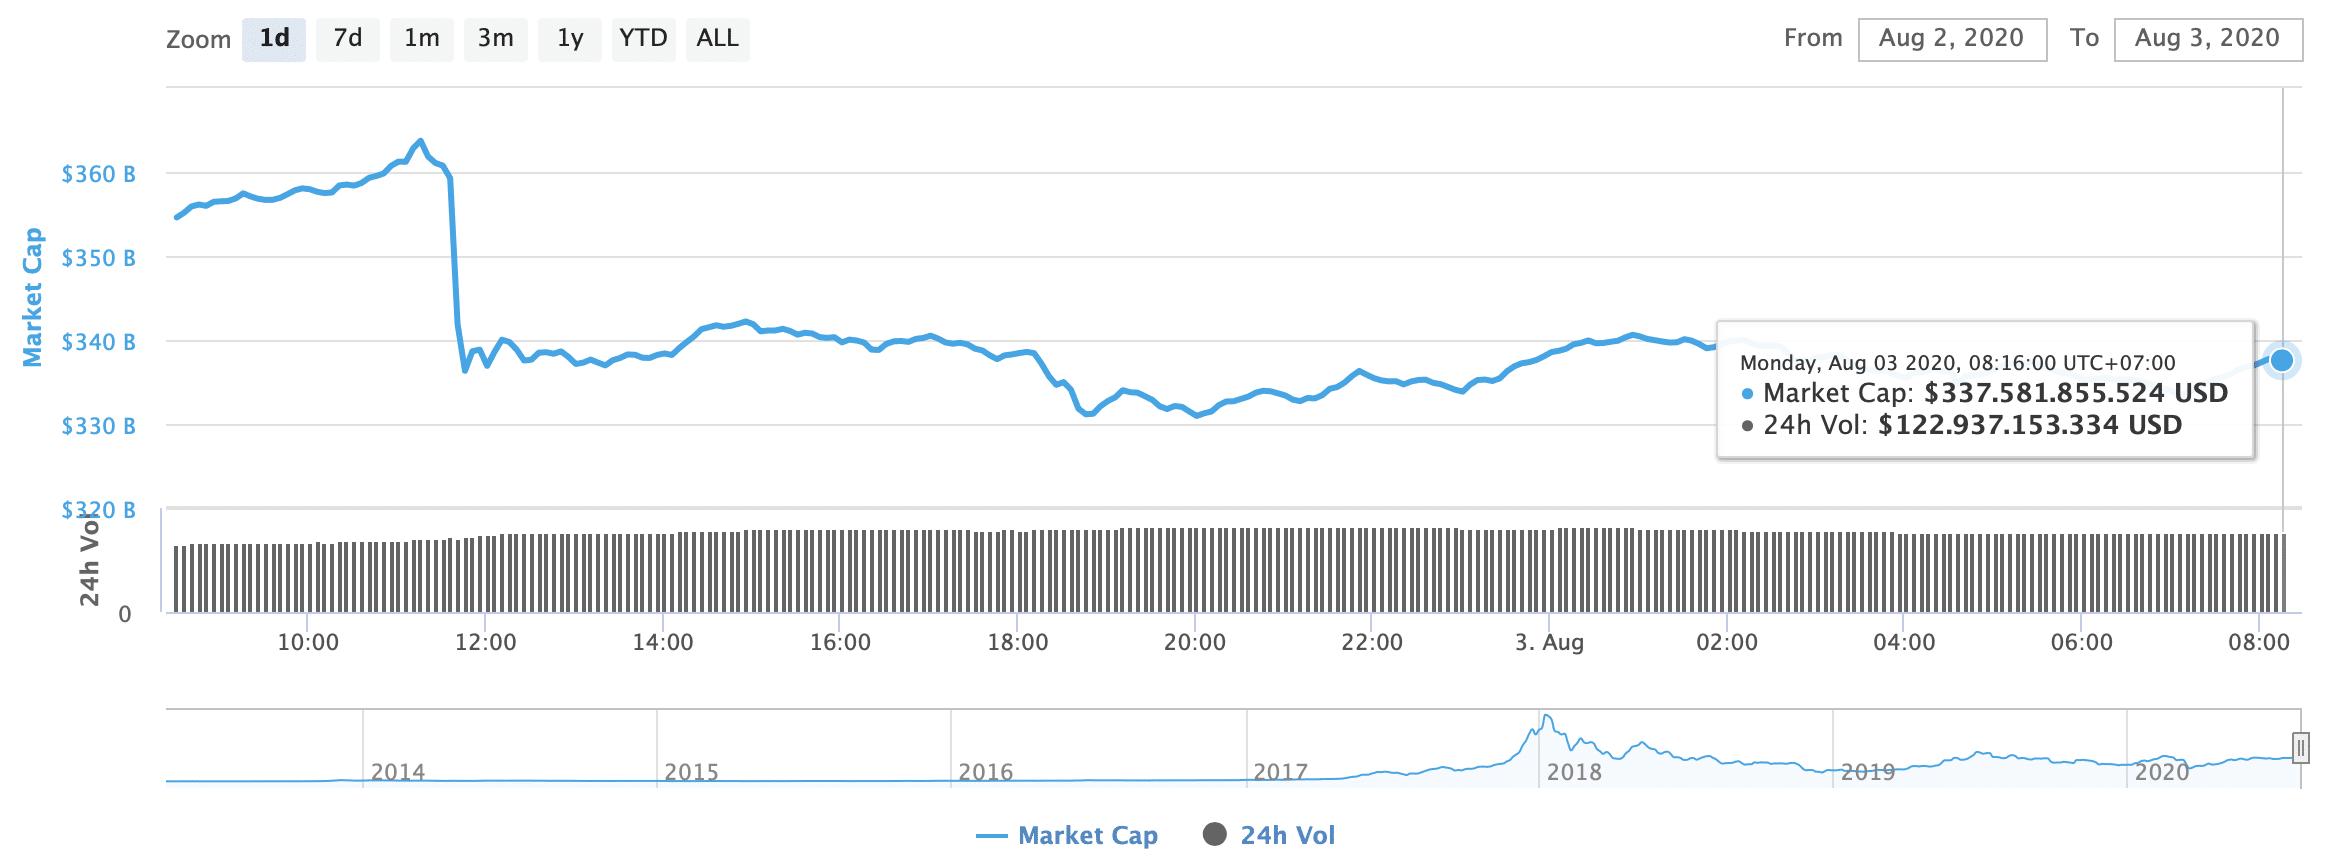 Totale marktkapitalisatie van cryptocurrencies